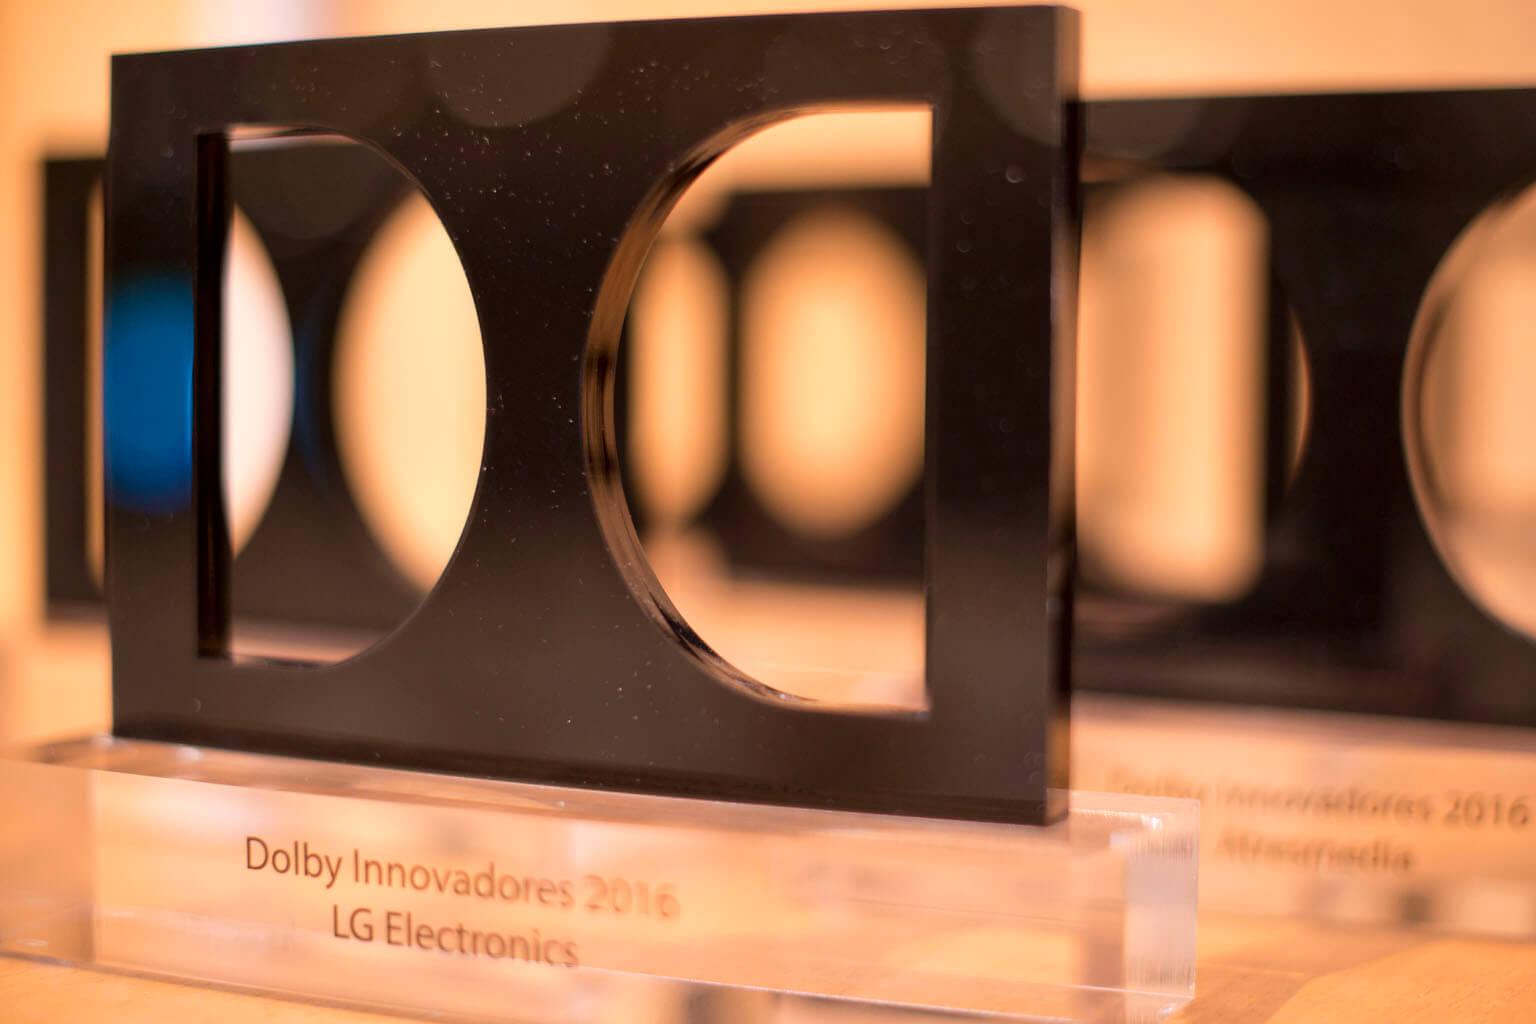 Galardones Innovadores de Dolby